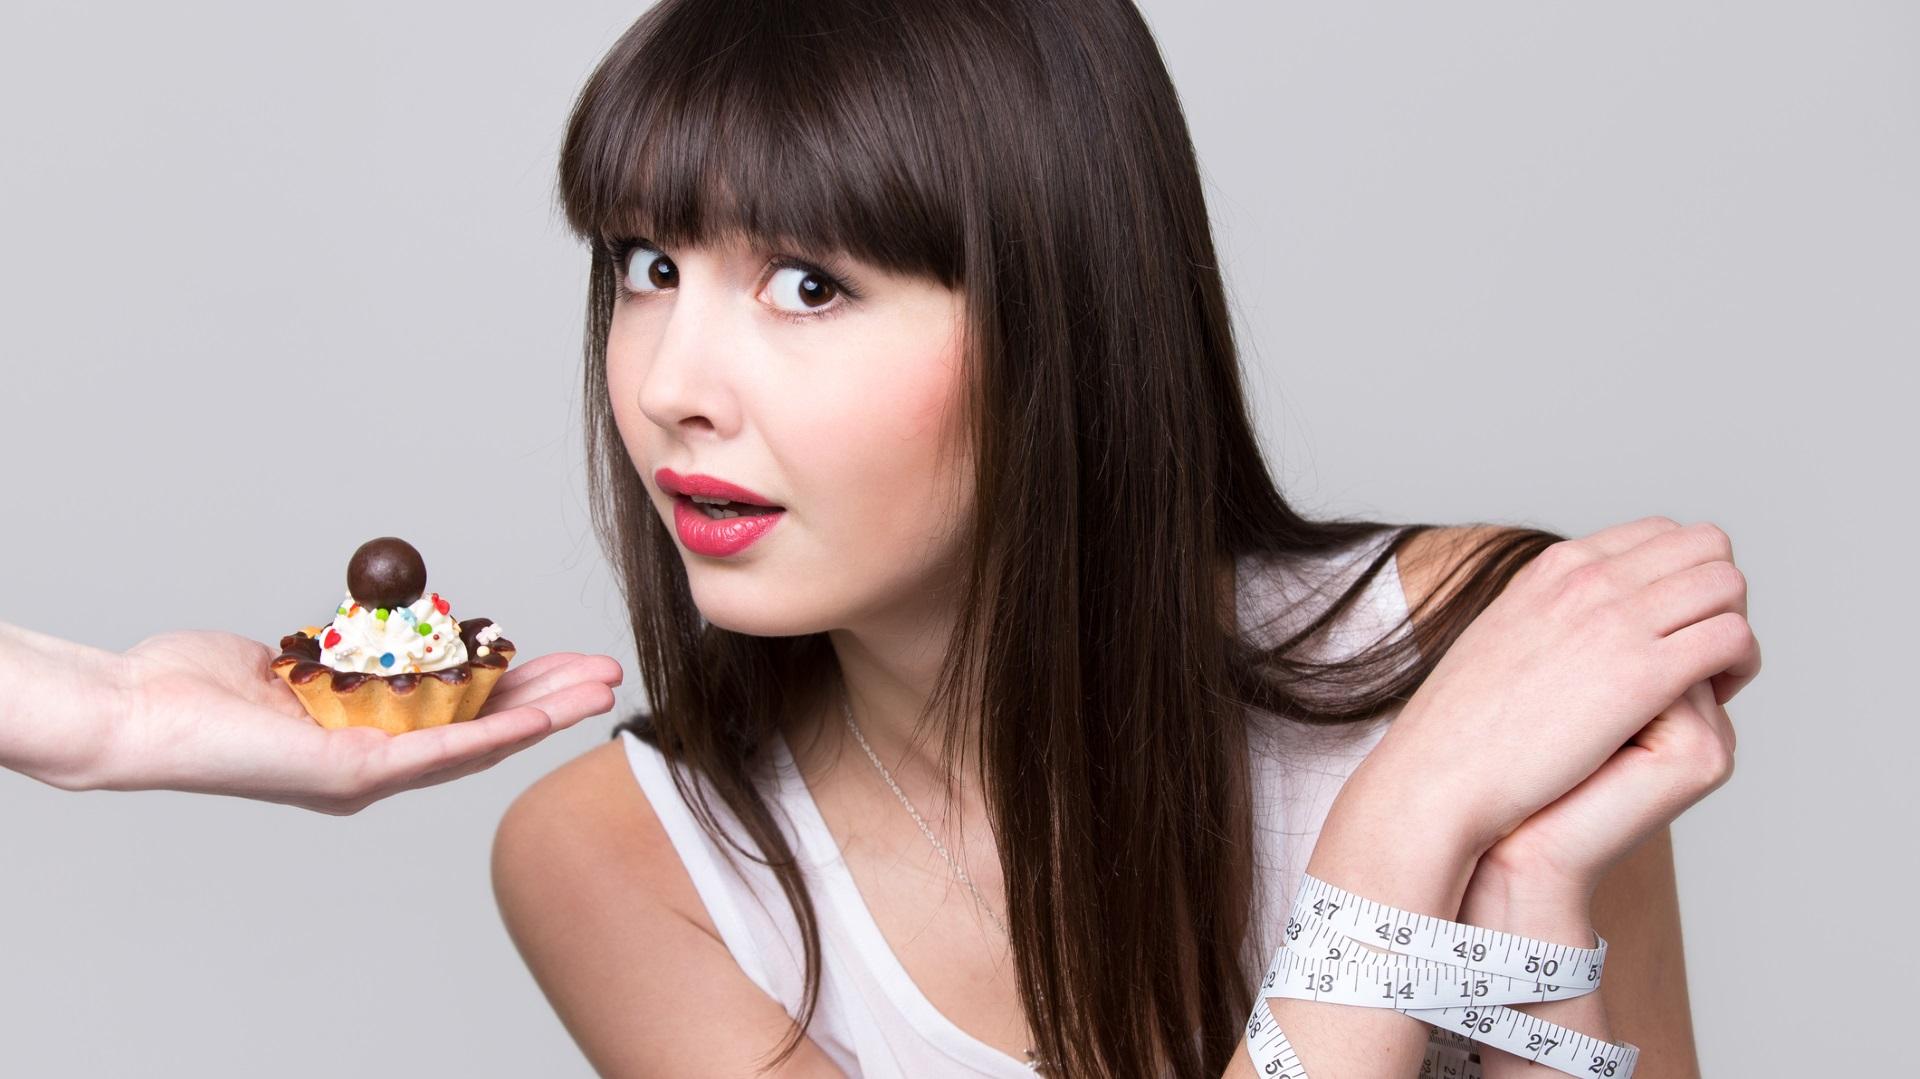 Няма да ви се яде сладко<br /> <br /> След месеци на здравословно хранене и виждайки колко невероятно изглеждате в резултат на това, сладките и шоколадите може вече да не са изкушаващи за вас. В началото ще бъдете изненадани, но ще свикнете. Просто не забравяйте, че от време на време няма нищо лошо да си доставяте по малко сладко удоволствие.